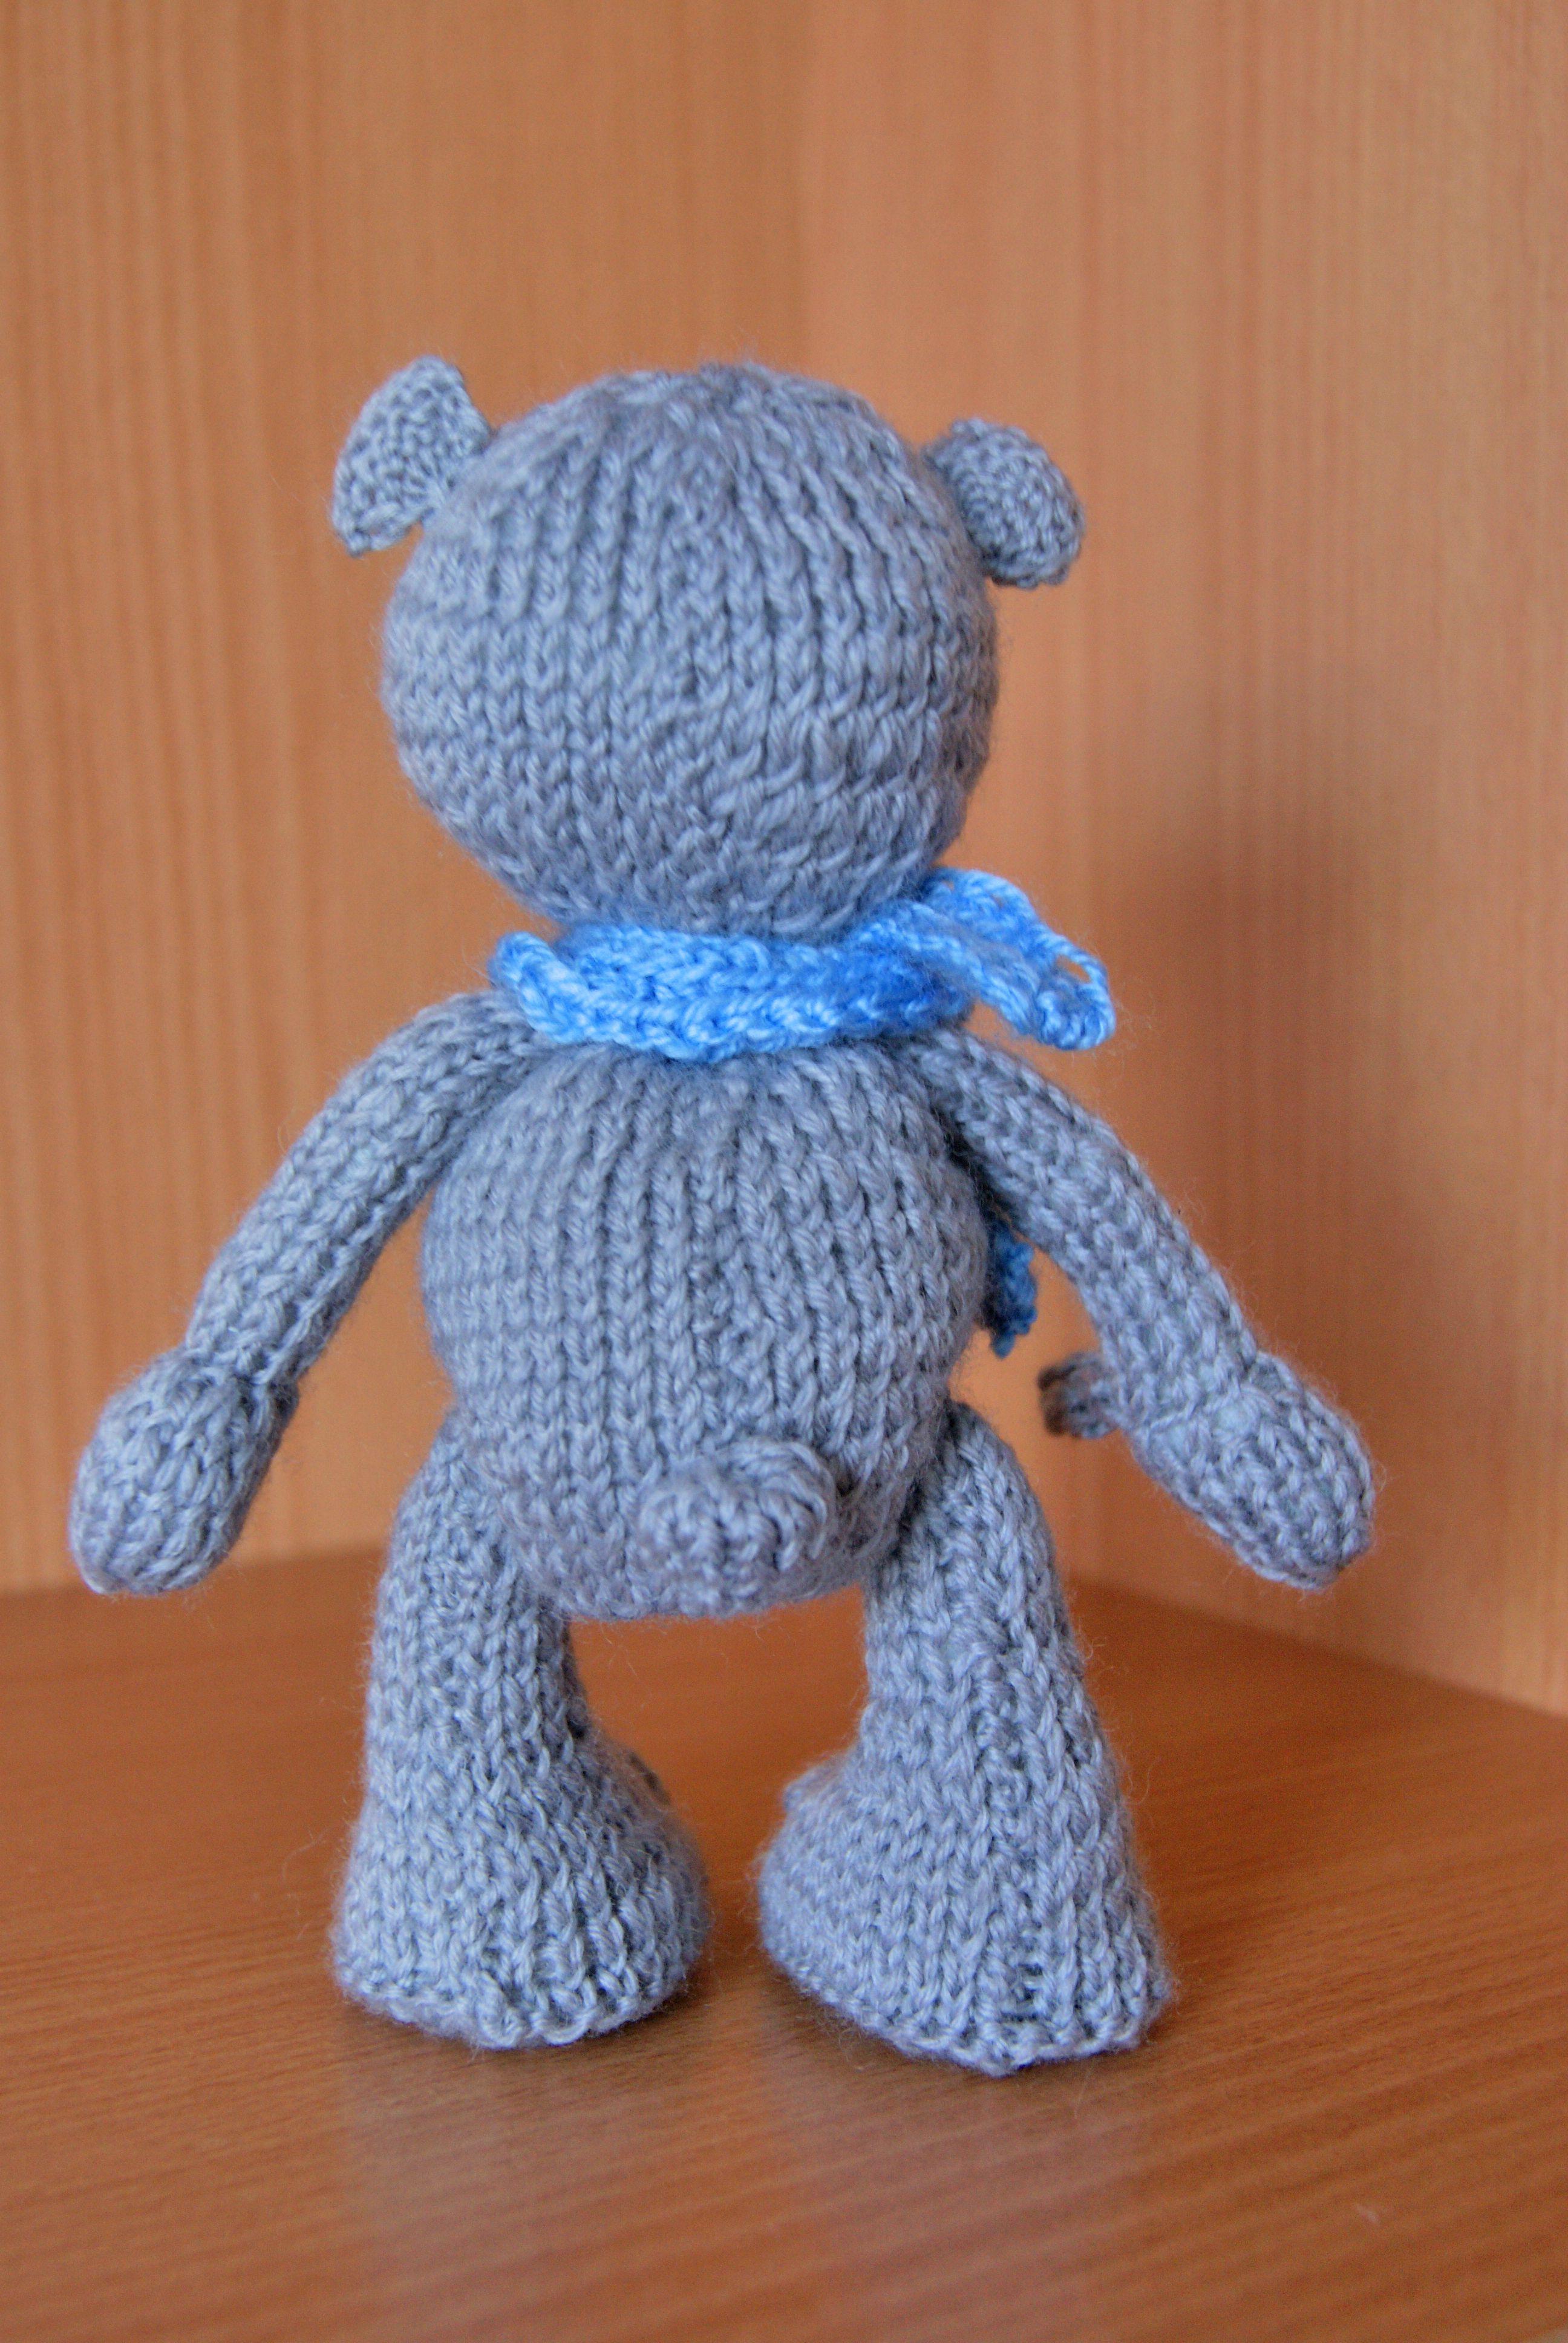 вяжутнетолькобабушки вязаниеназаказ медведь игрушка вяжуназаказ мишка тедди вязание детям тепло интерьернаяигрушка подарок уют